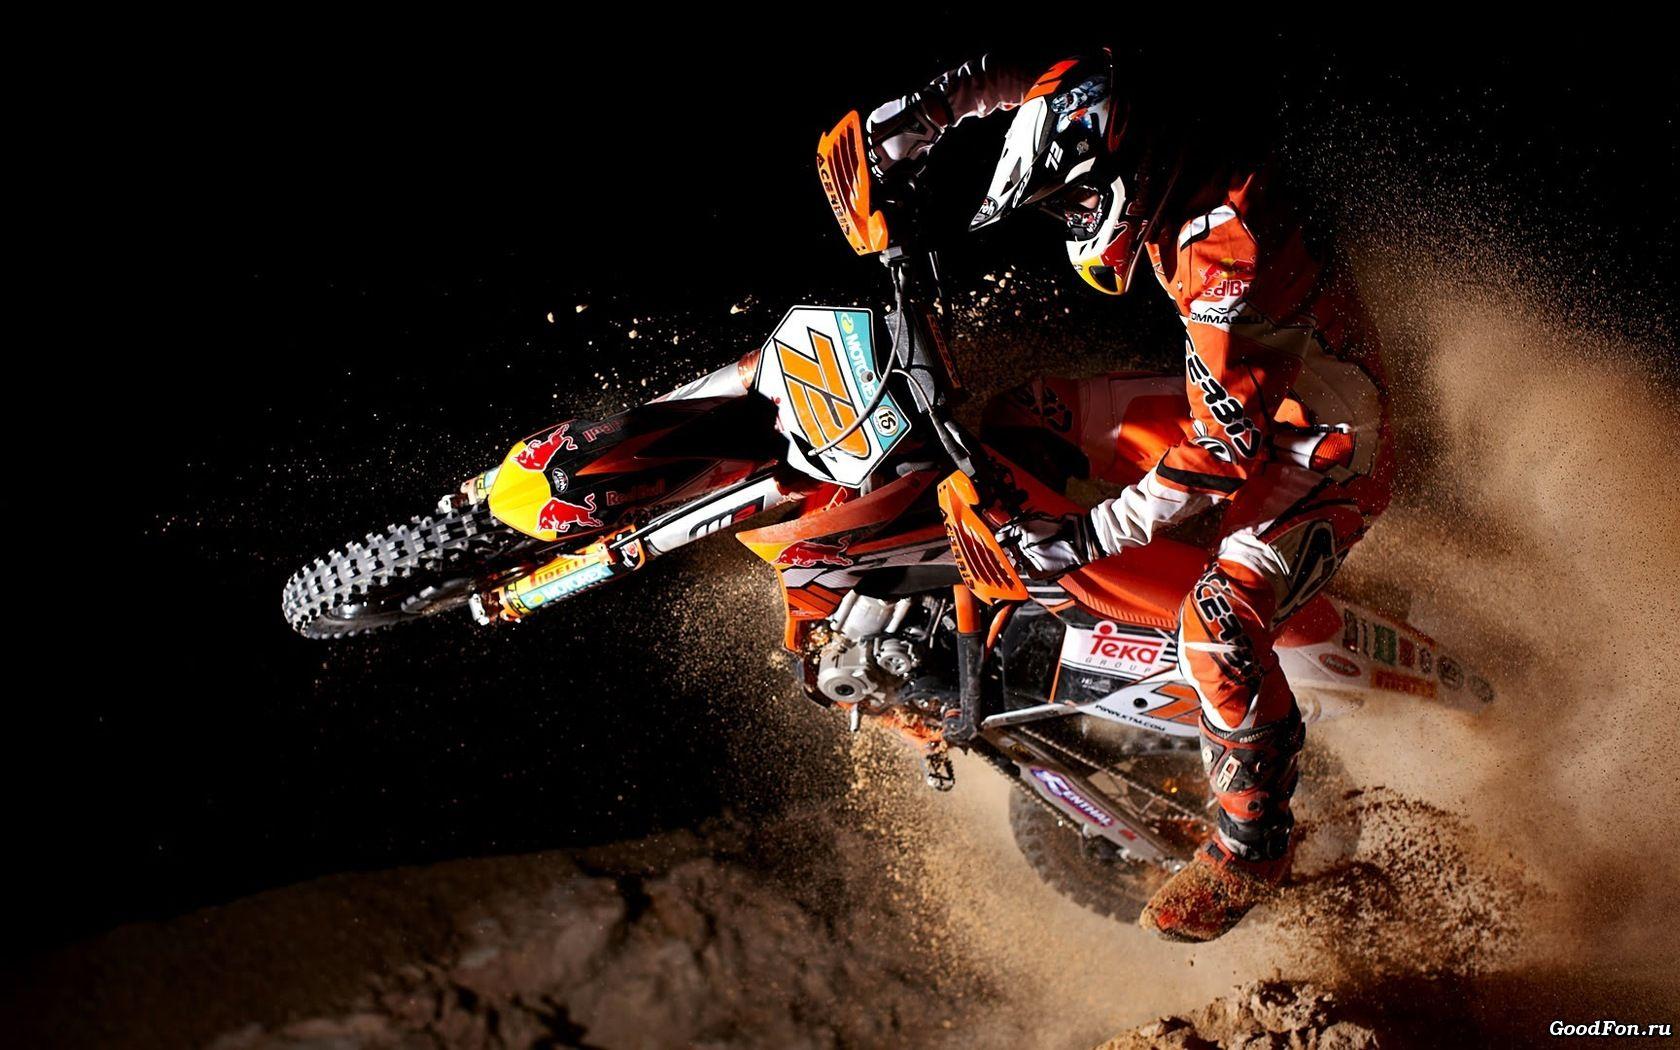 Motocross Wallpaper Descargar Fondos de pantalla casco de